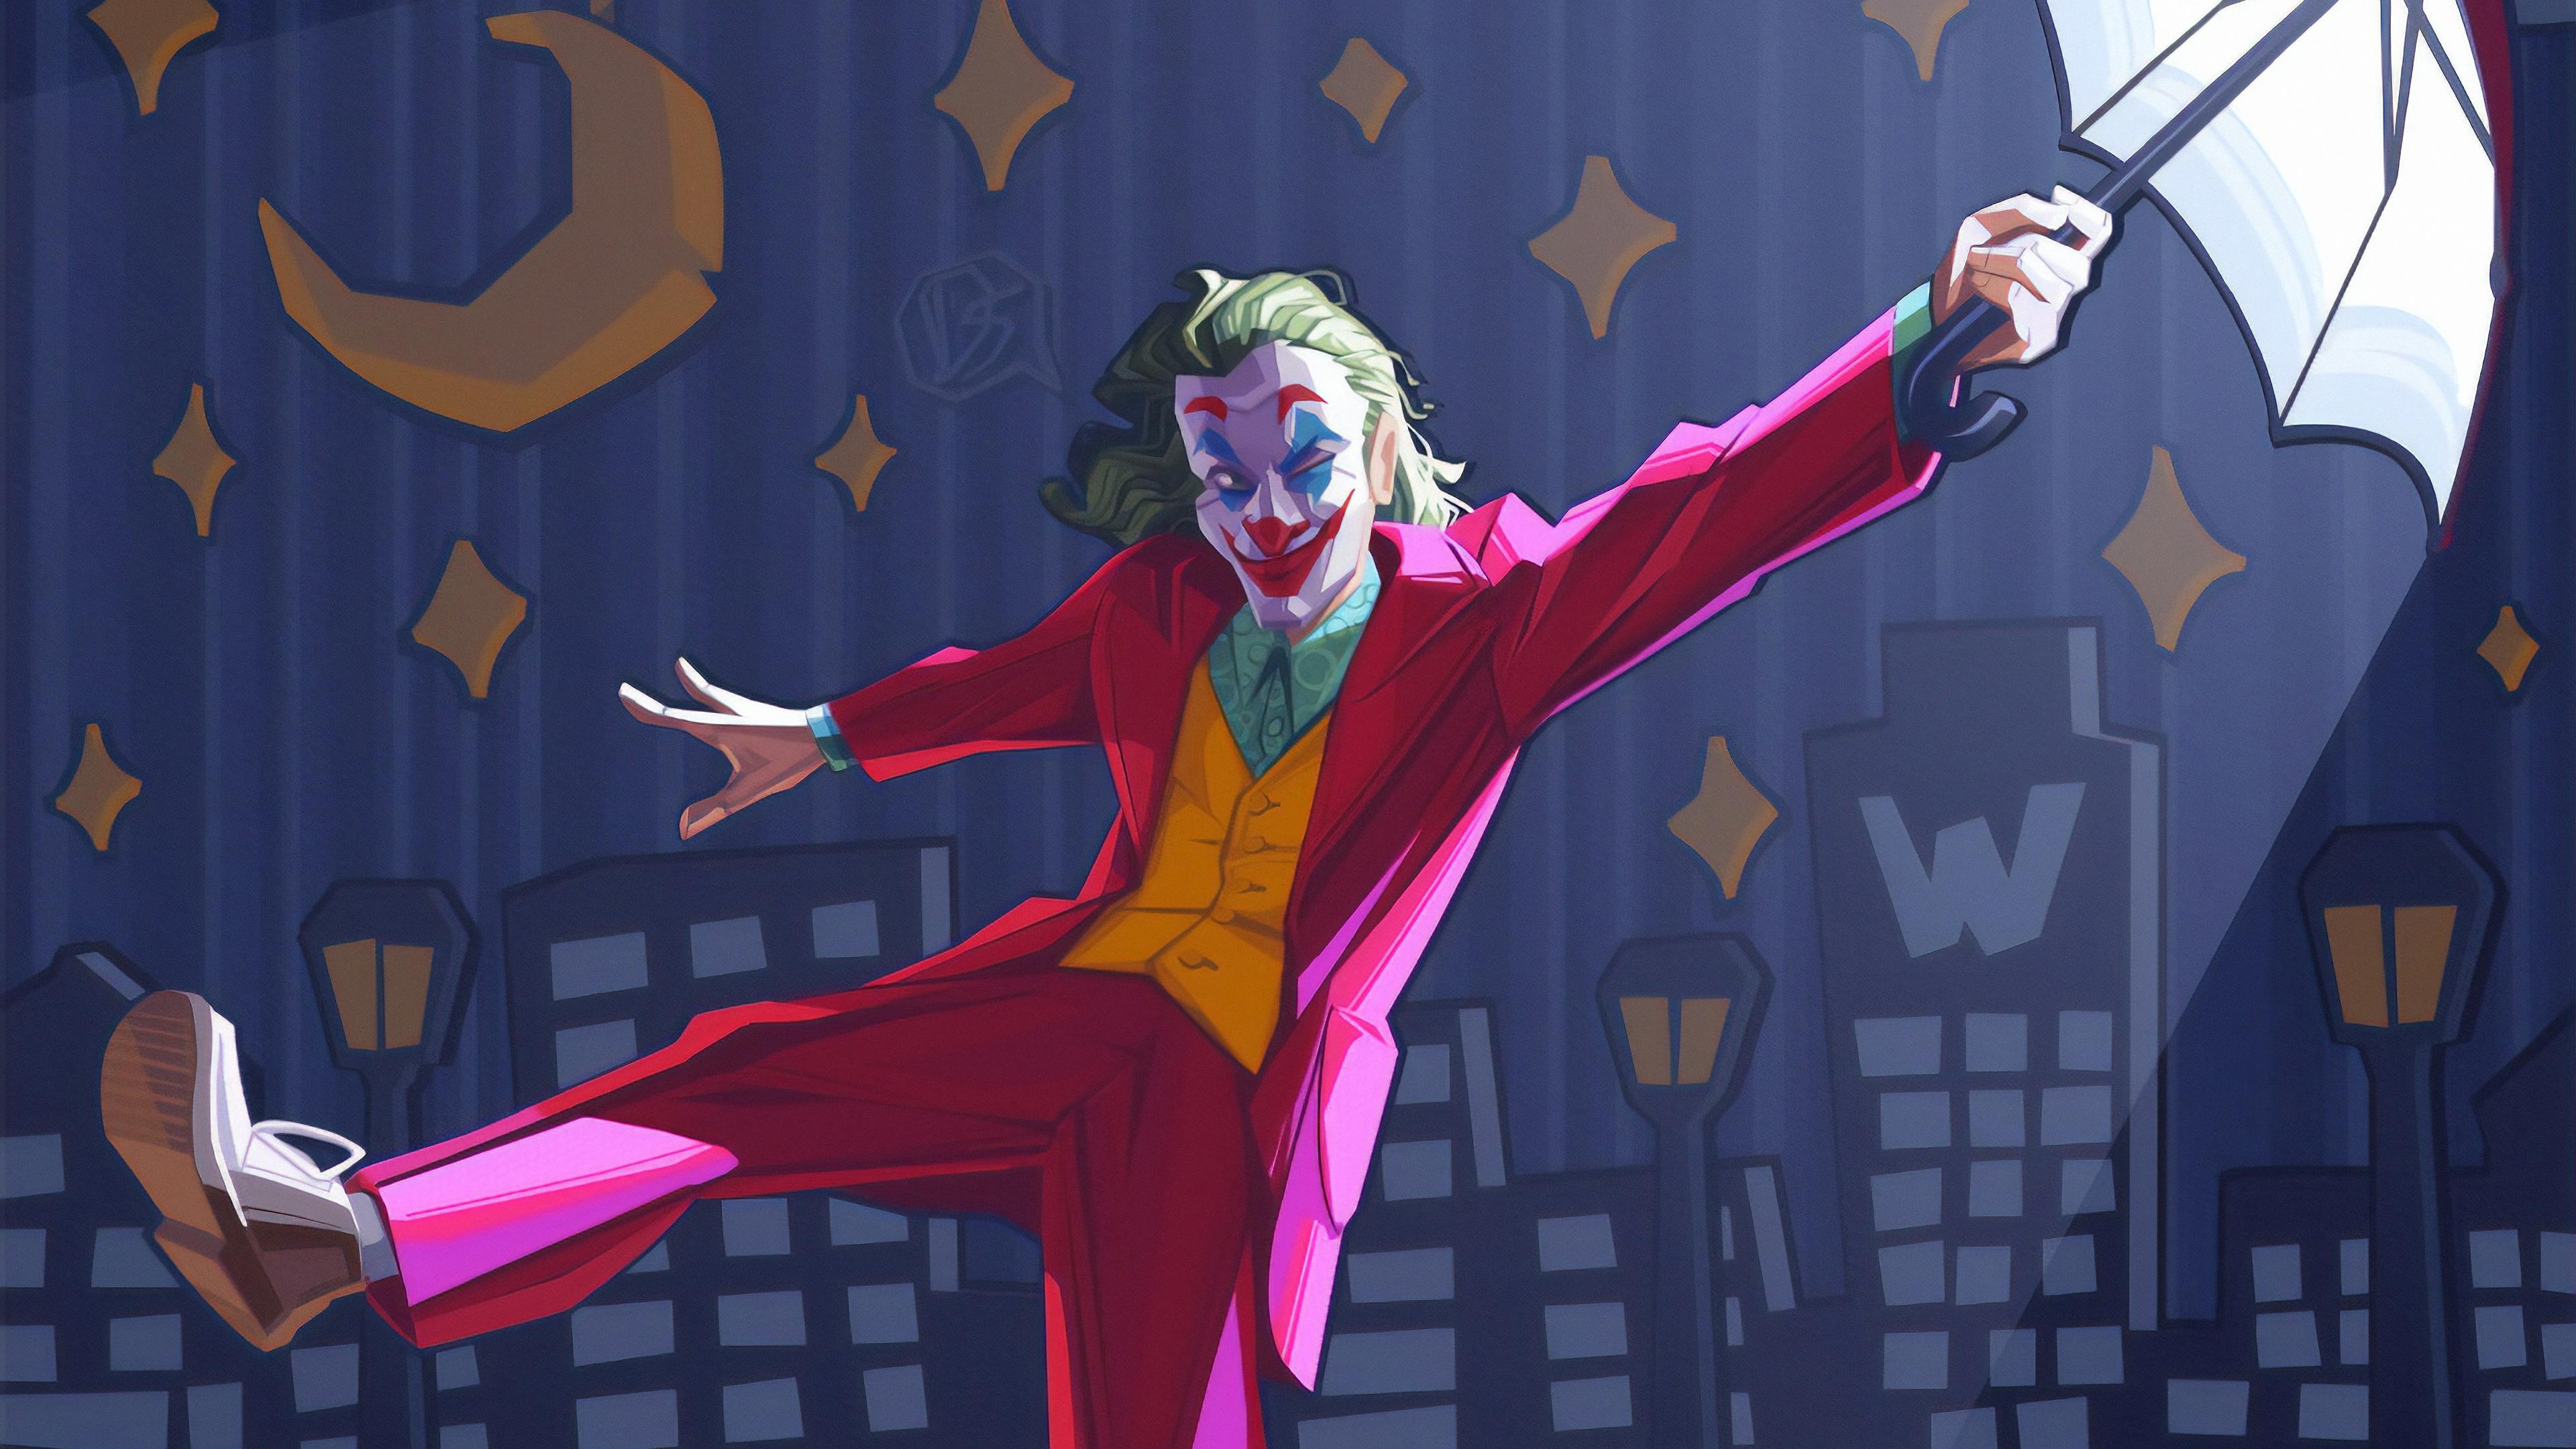 joker movie art 1570918559 - Joker Movie art - supervillain wallpapers, superheroes wallpapers, joker wallpapers, joker movie wallpapers, hd-wallpapers, artwork wallpapers, 4k-wallpapers